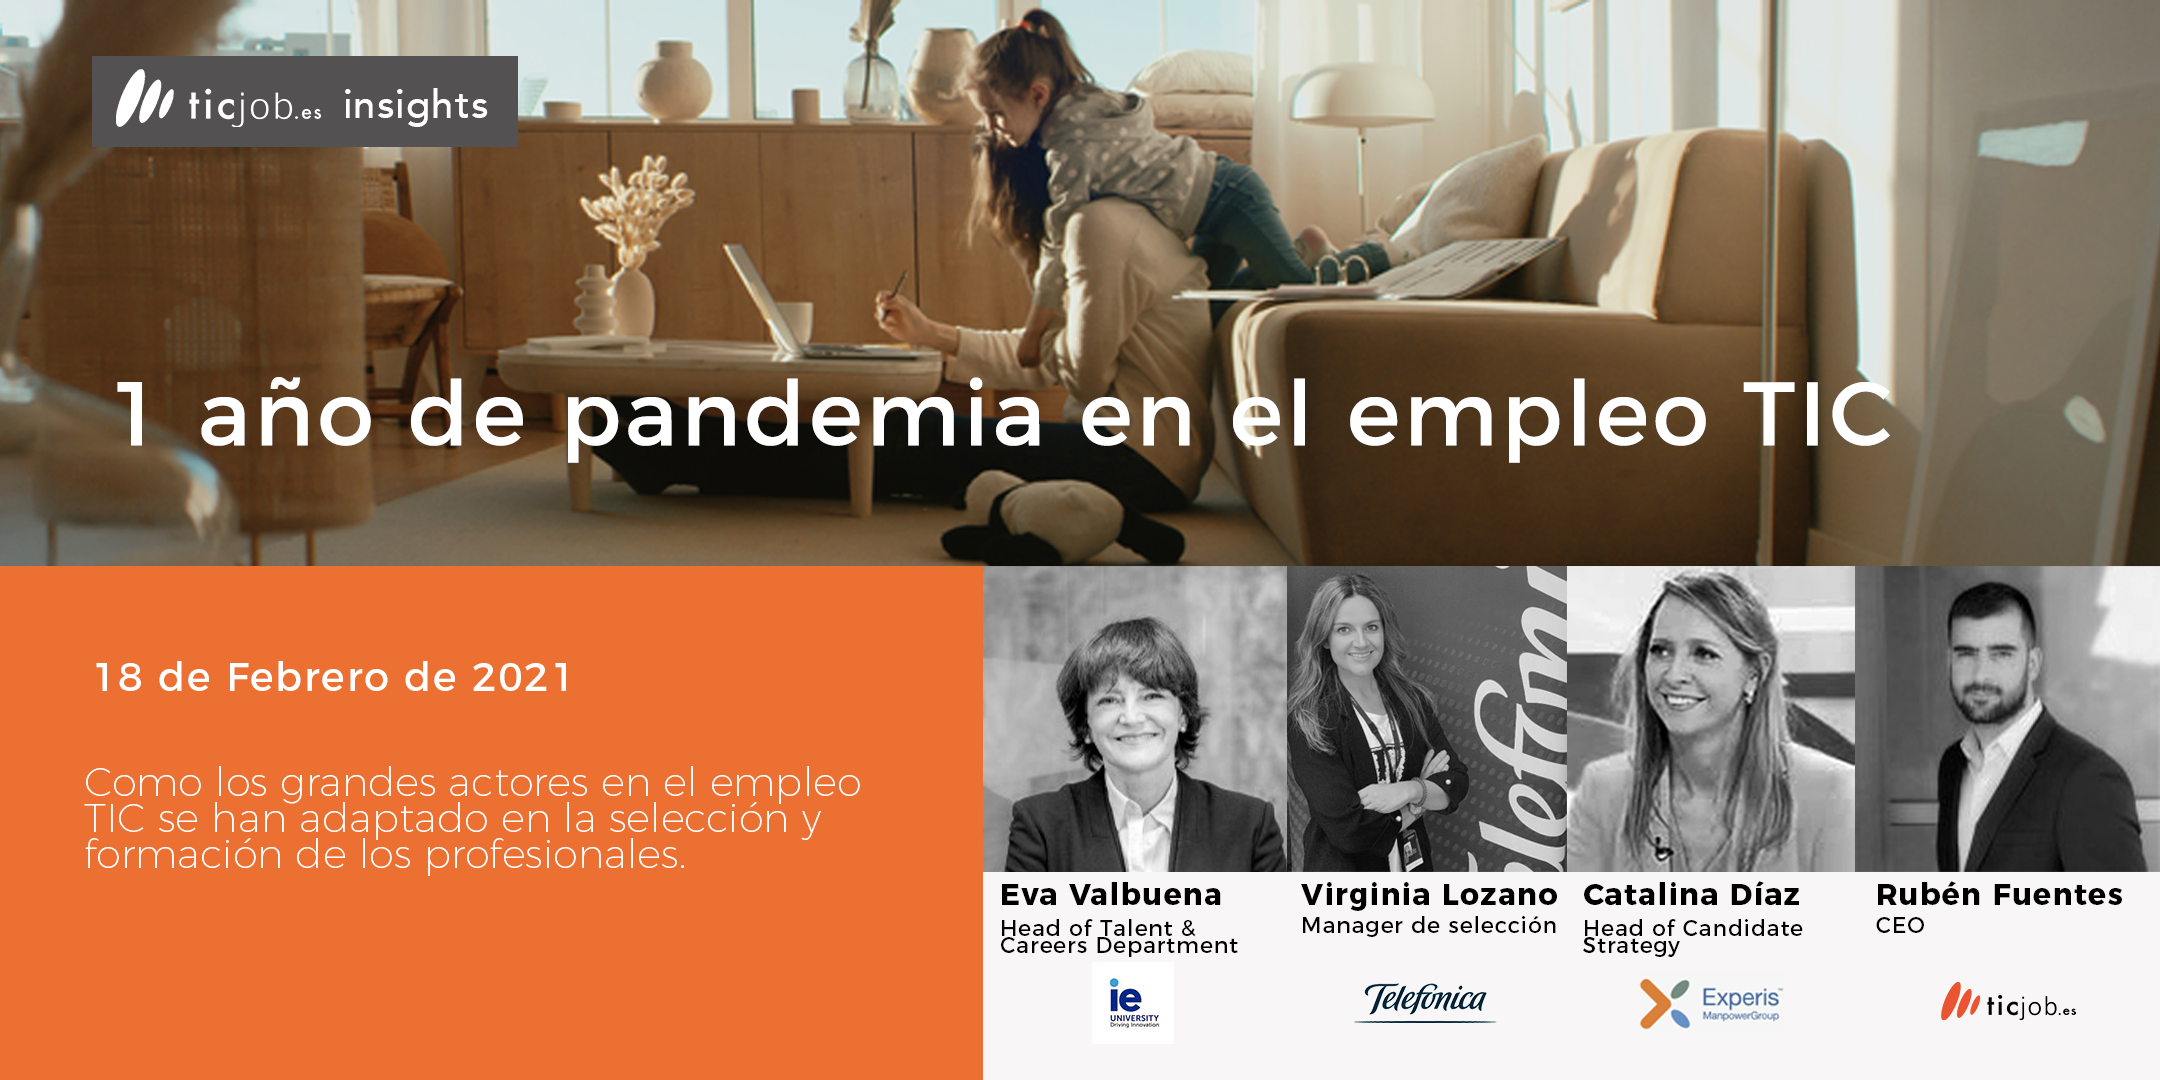 Videos eventos 1 año de pandemia en el empleo Tic